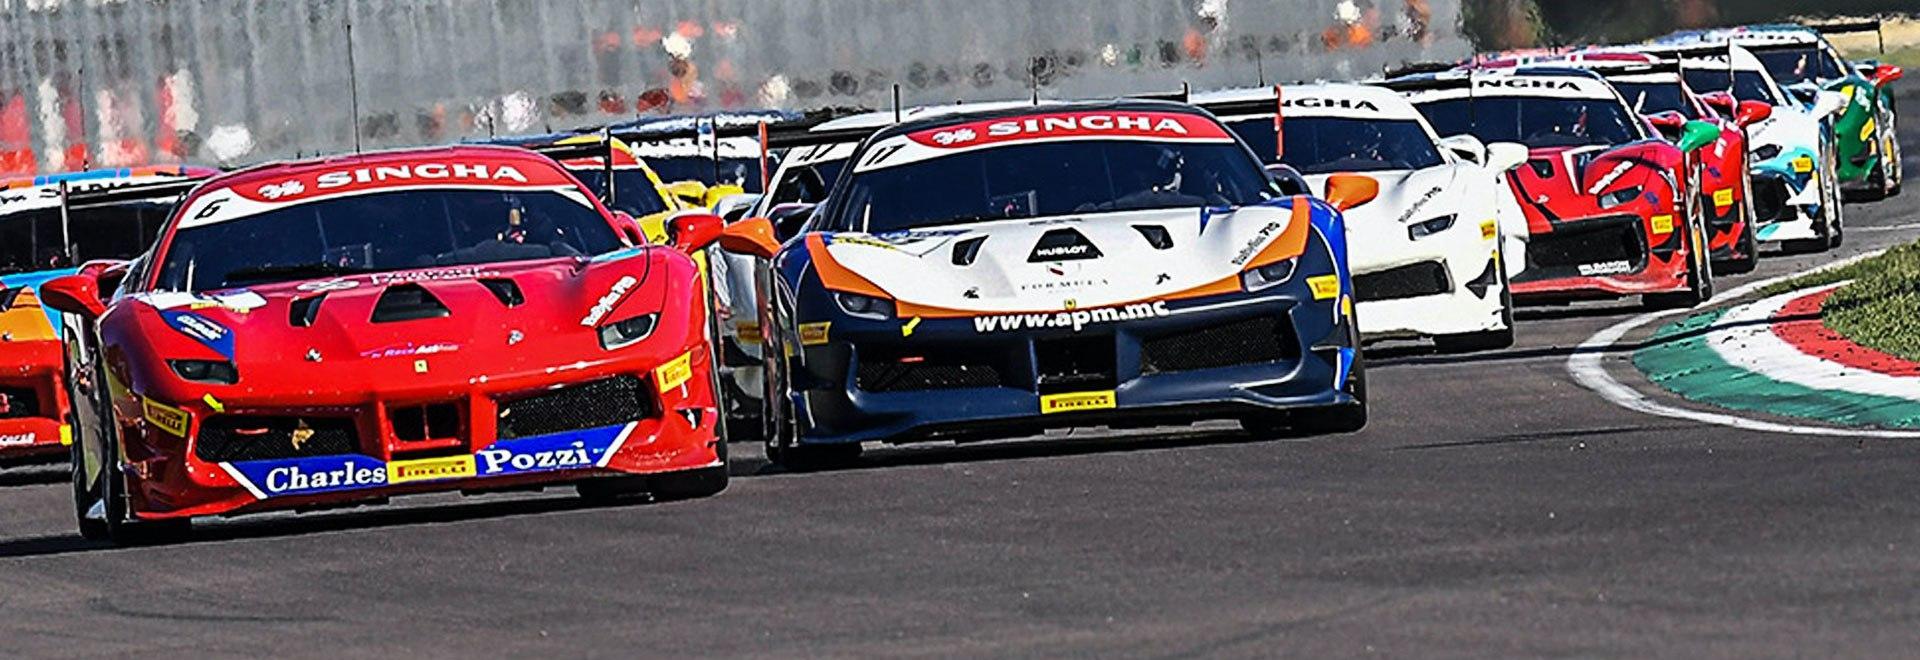 Coppa Shell Imola. Gara 2